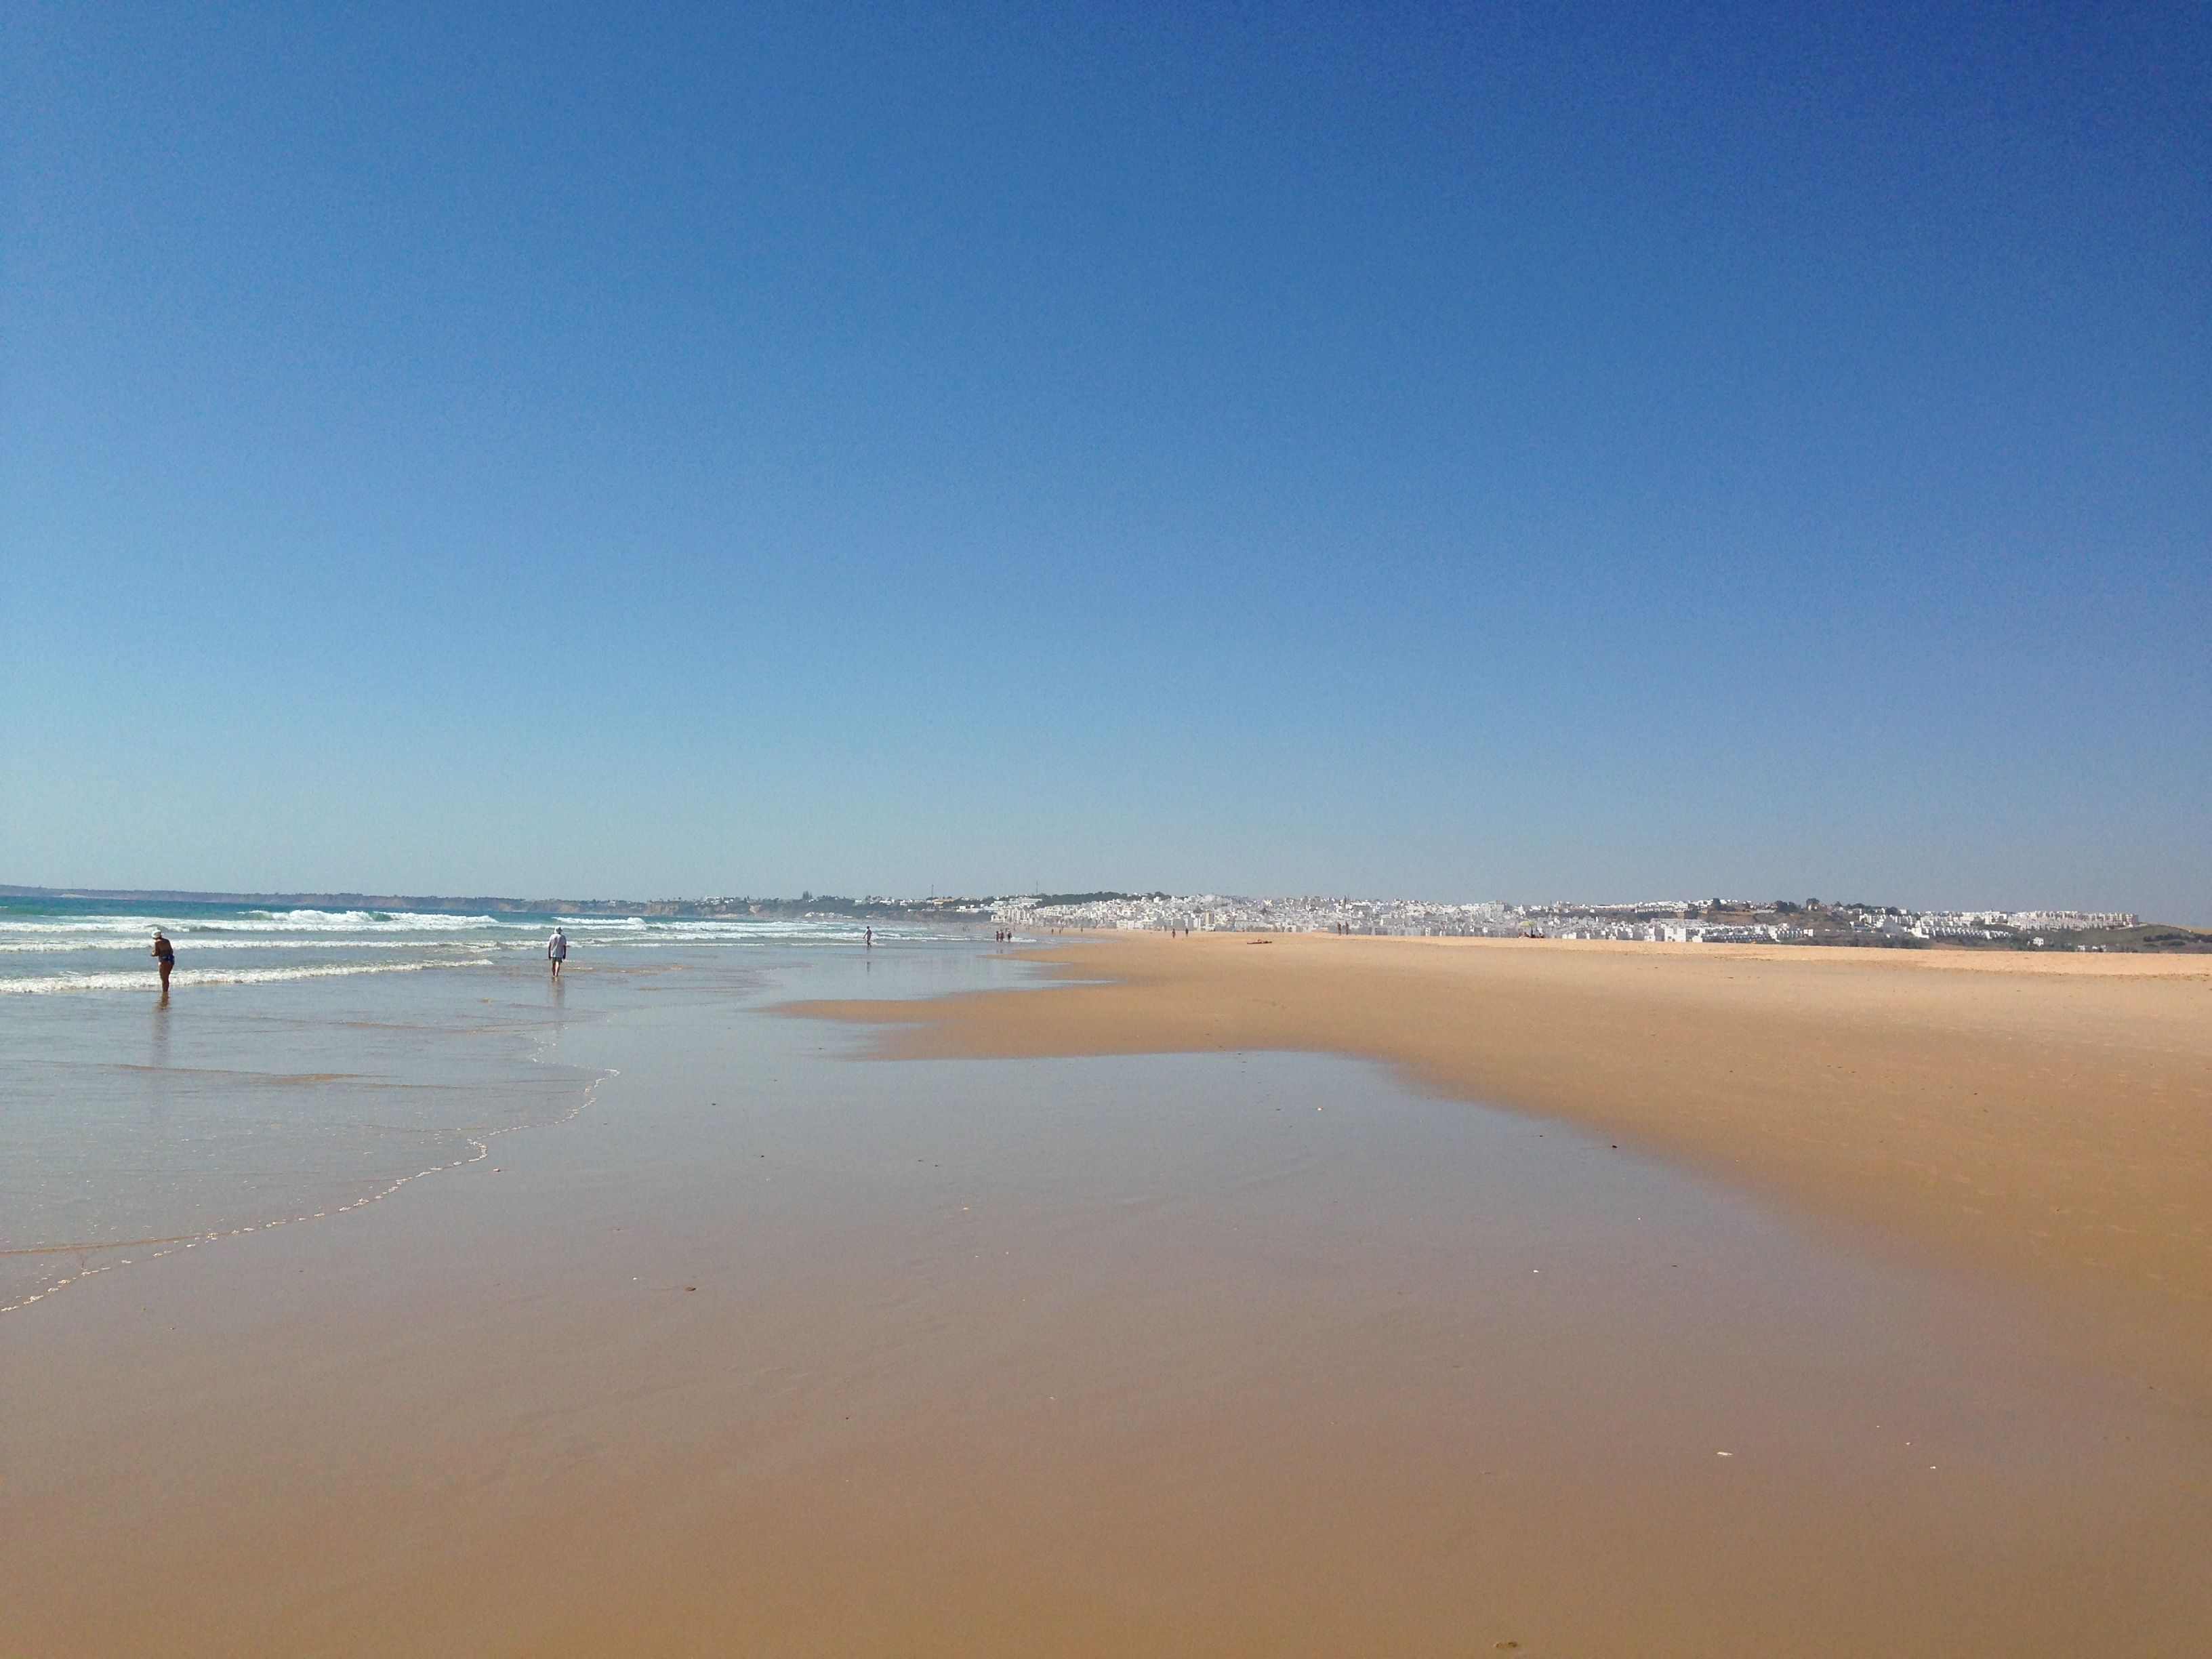 Playa de Conil in Conil de la Frontera Andaluca Playa Conil de